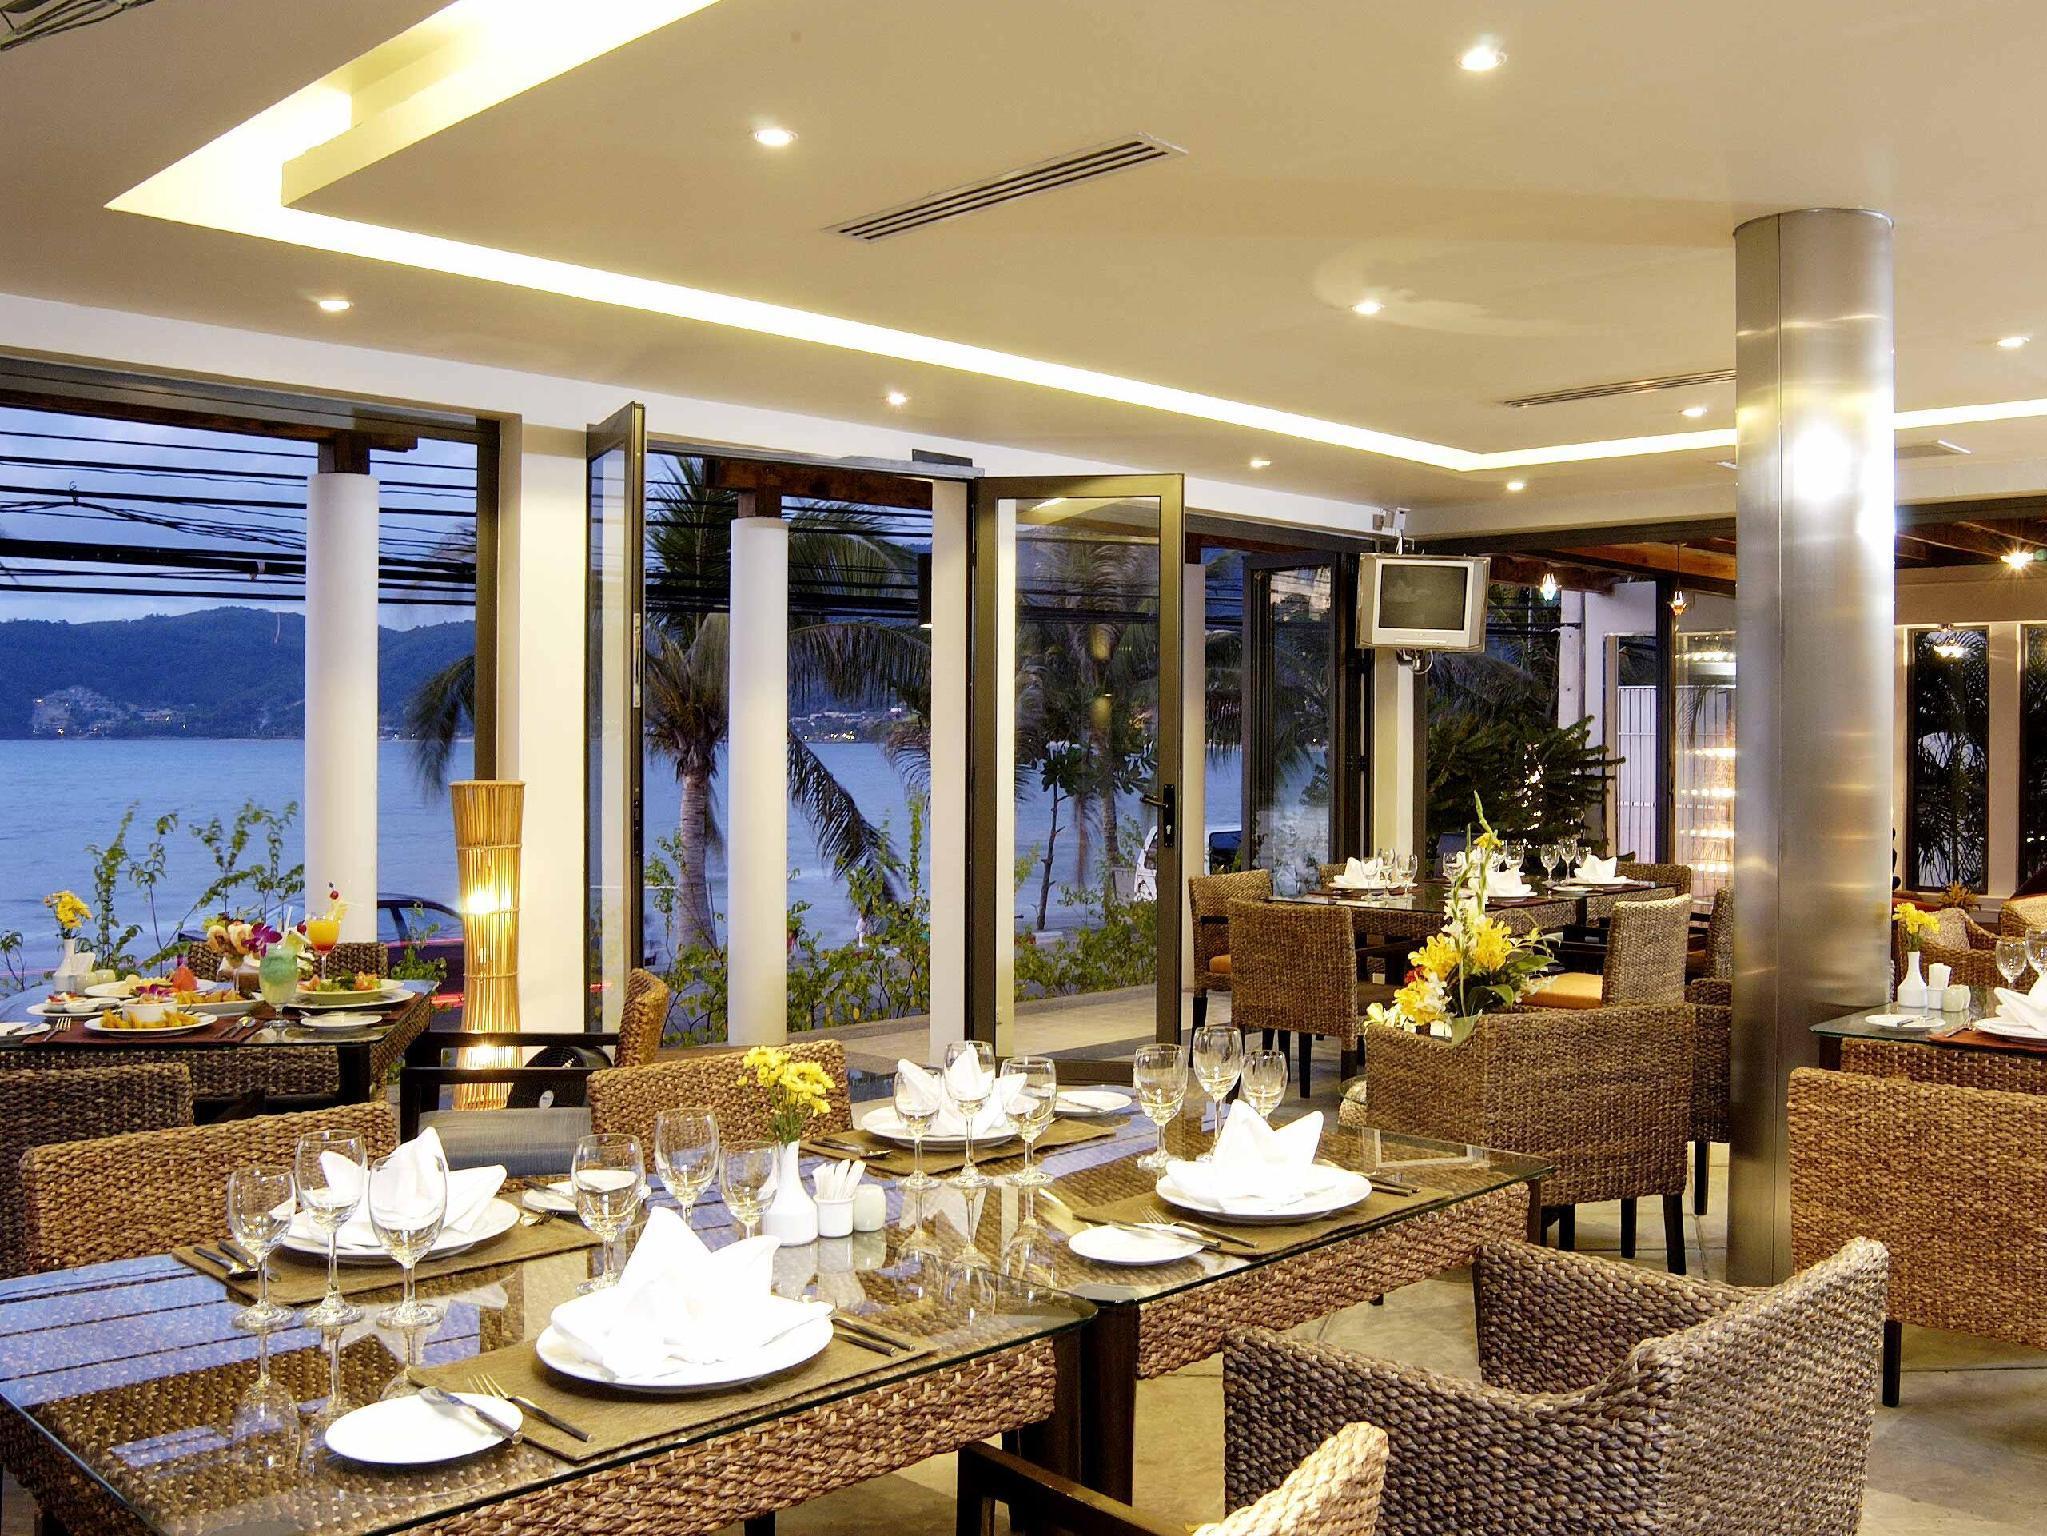 Avantika Boutique Hotel Patong Beach อวันติกา บูทิก โฮเต็ล หาดป่าตอง